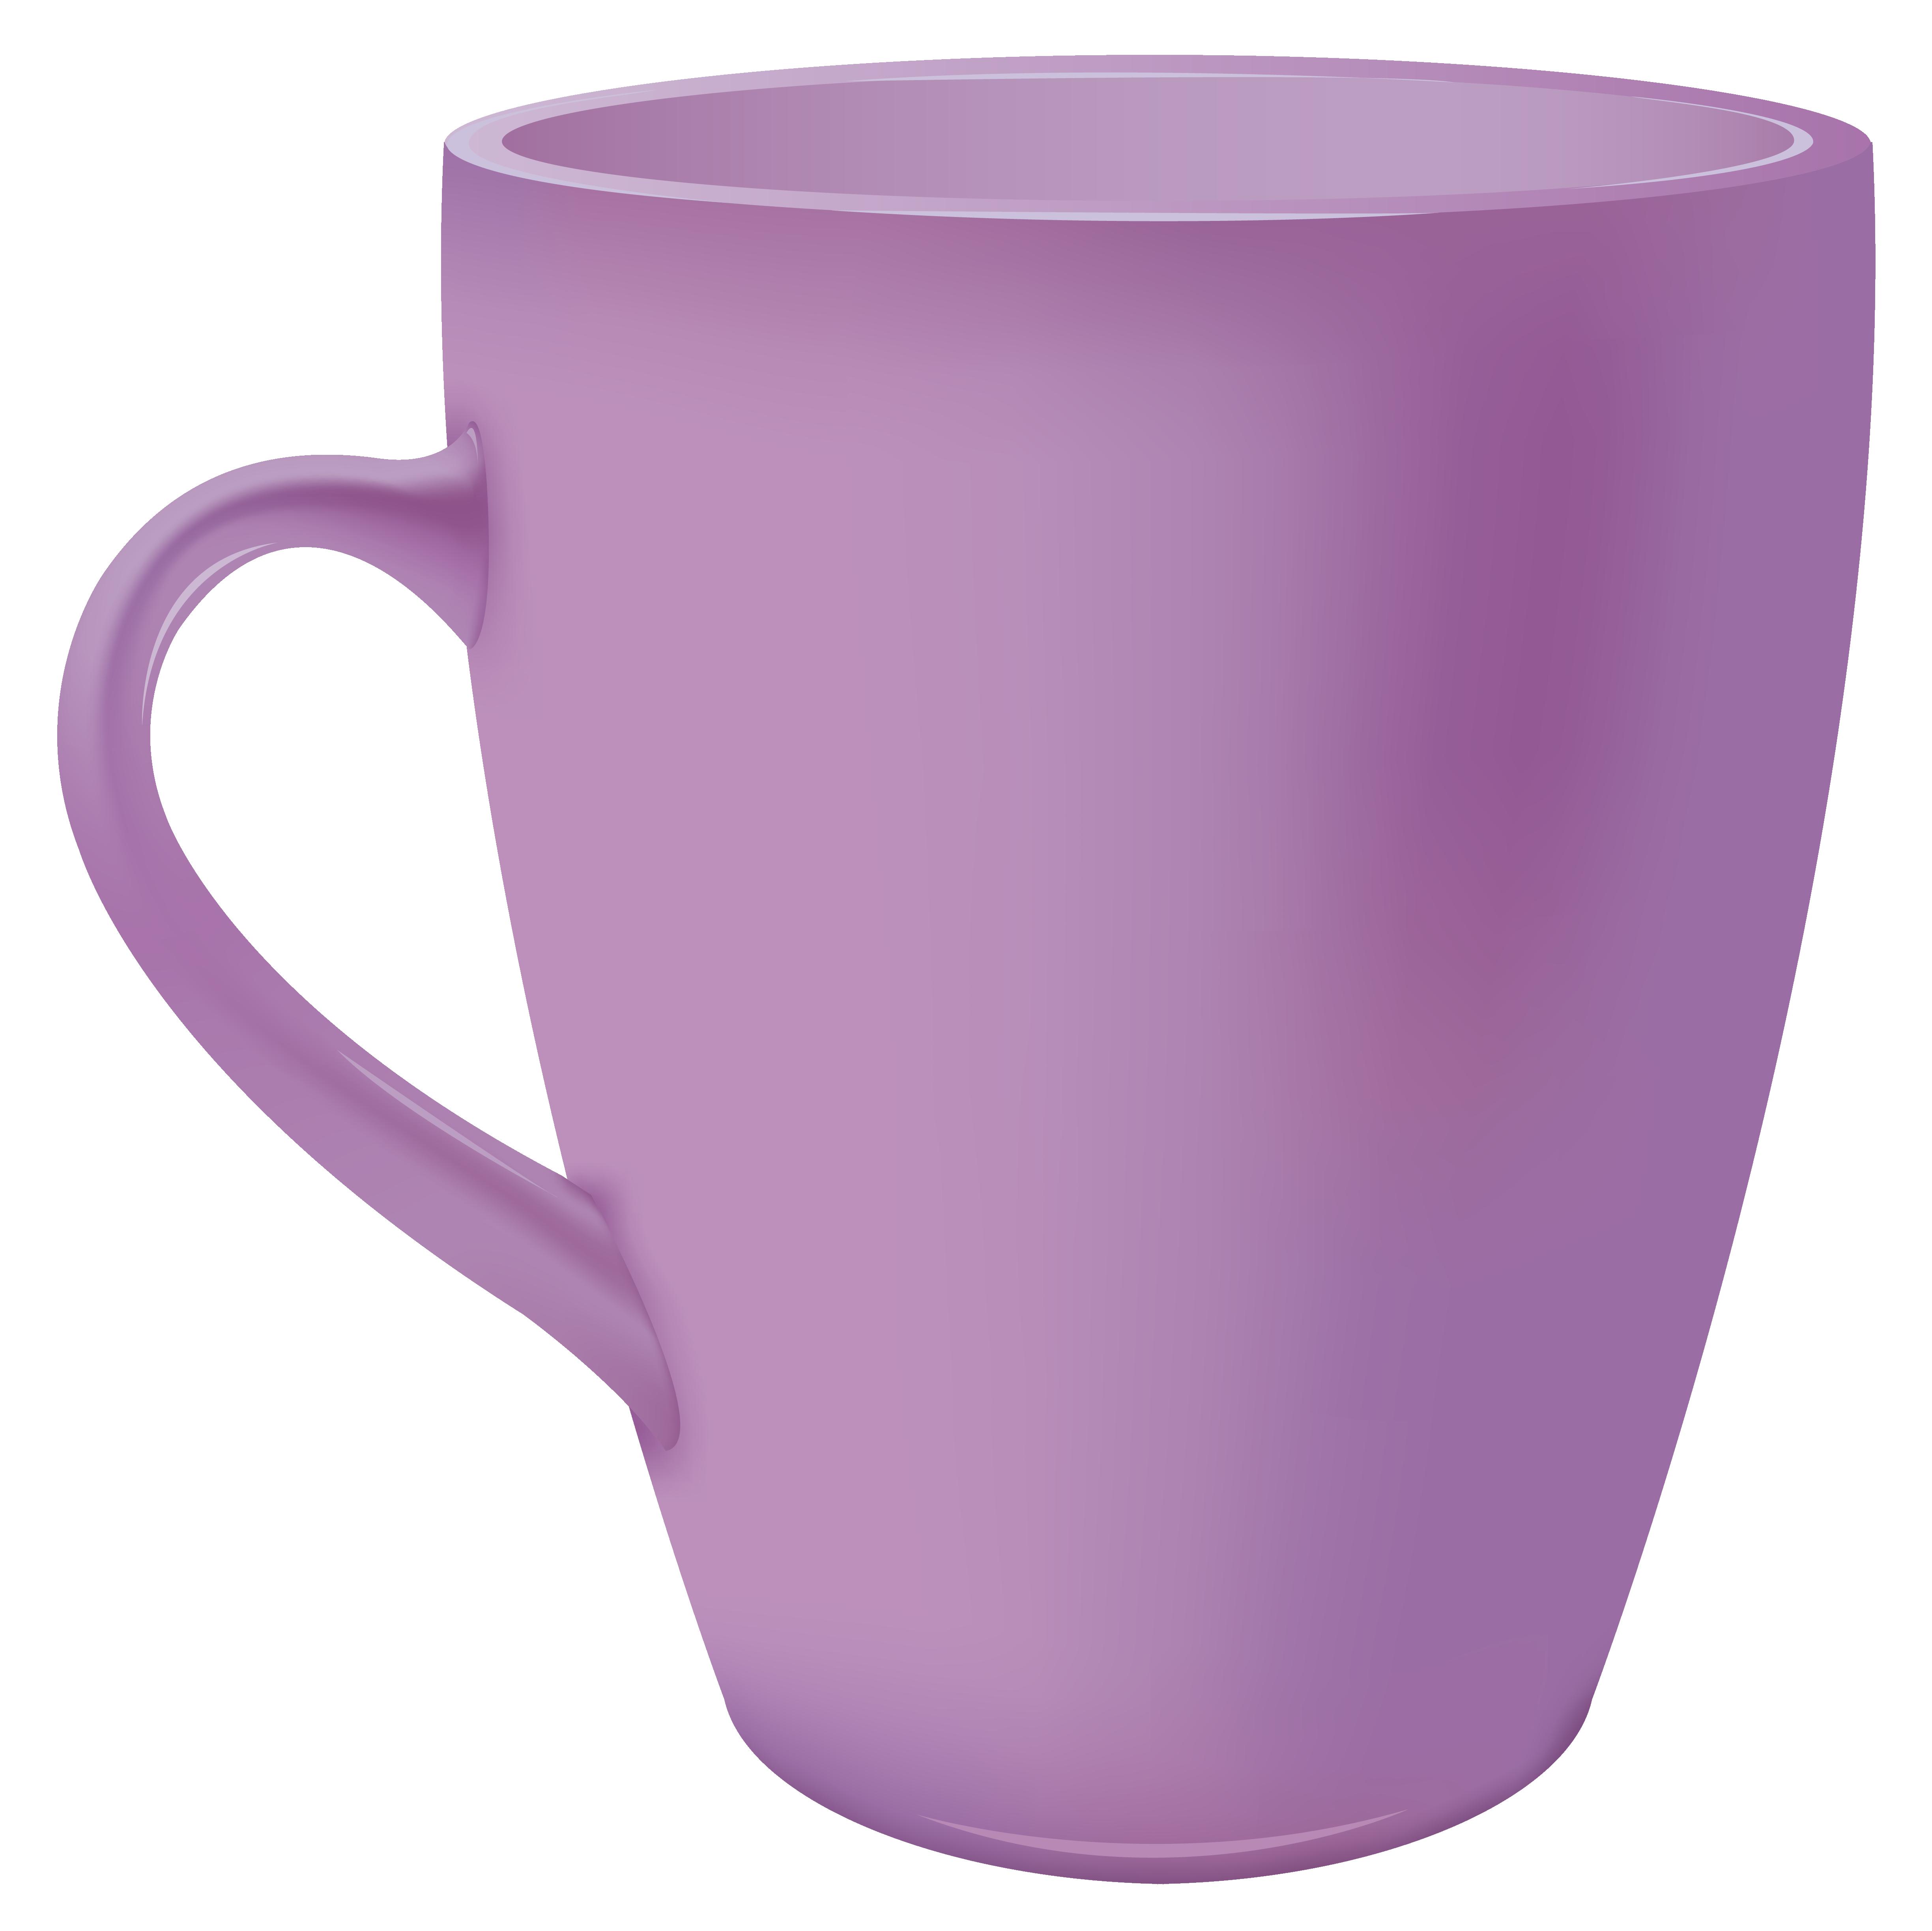 Violet png best web. Cup clipart